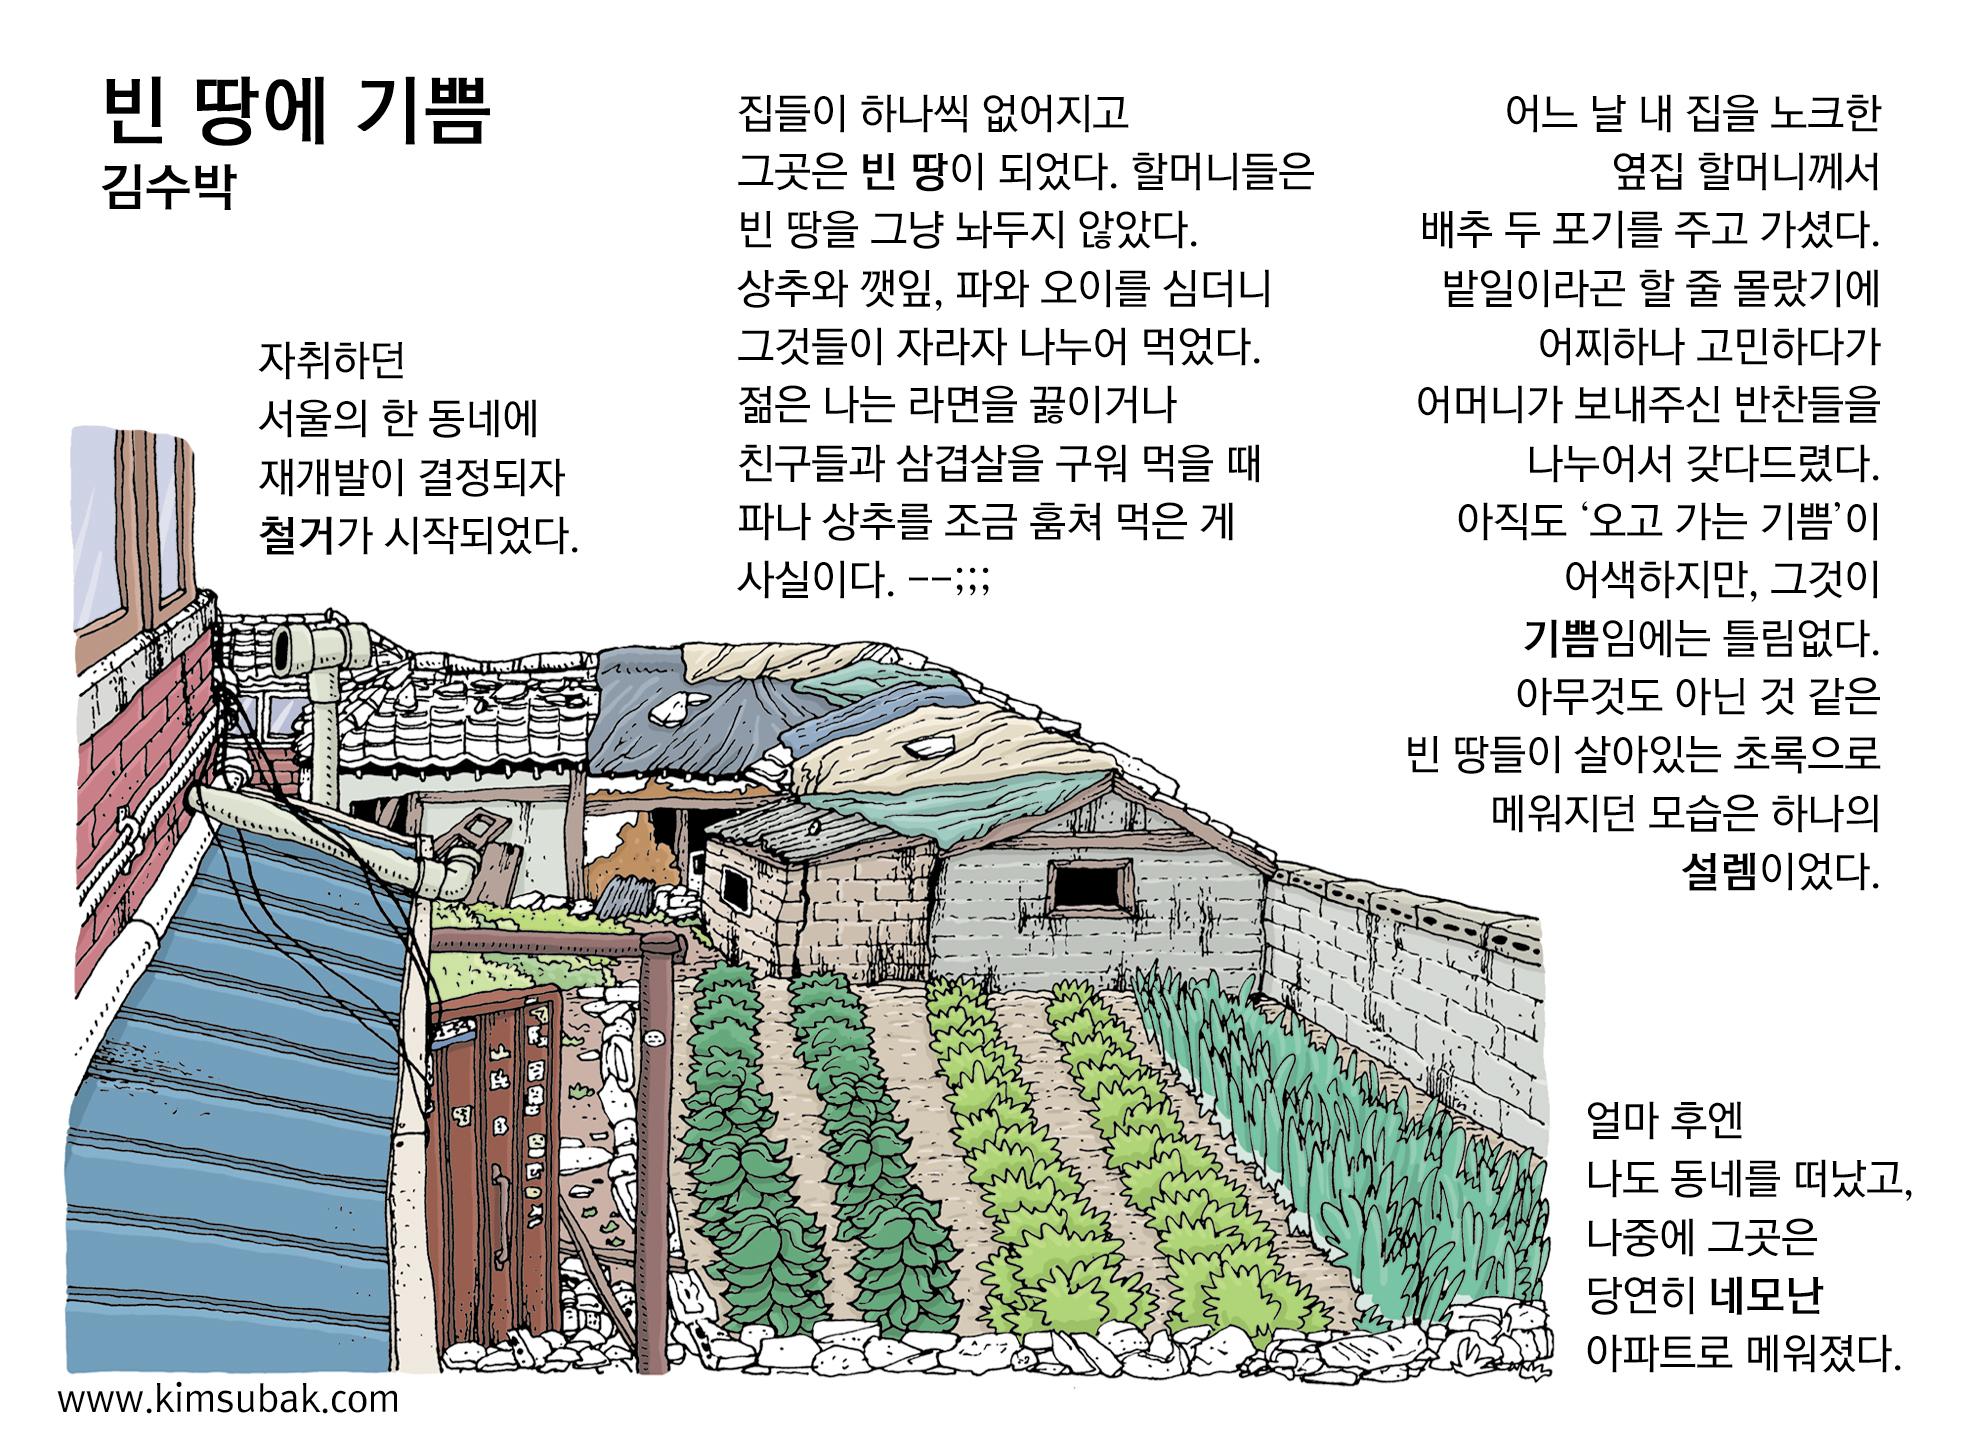 003.김수박-빈 땅에 기쁨.jpg